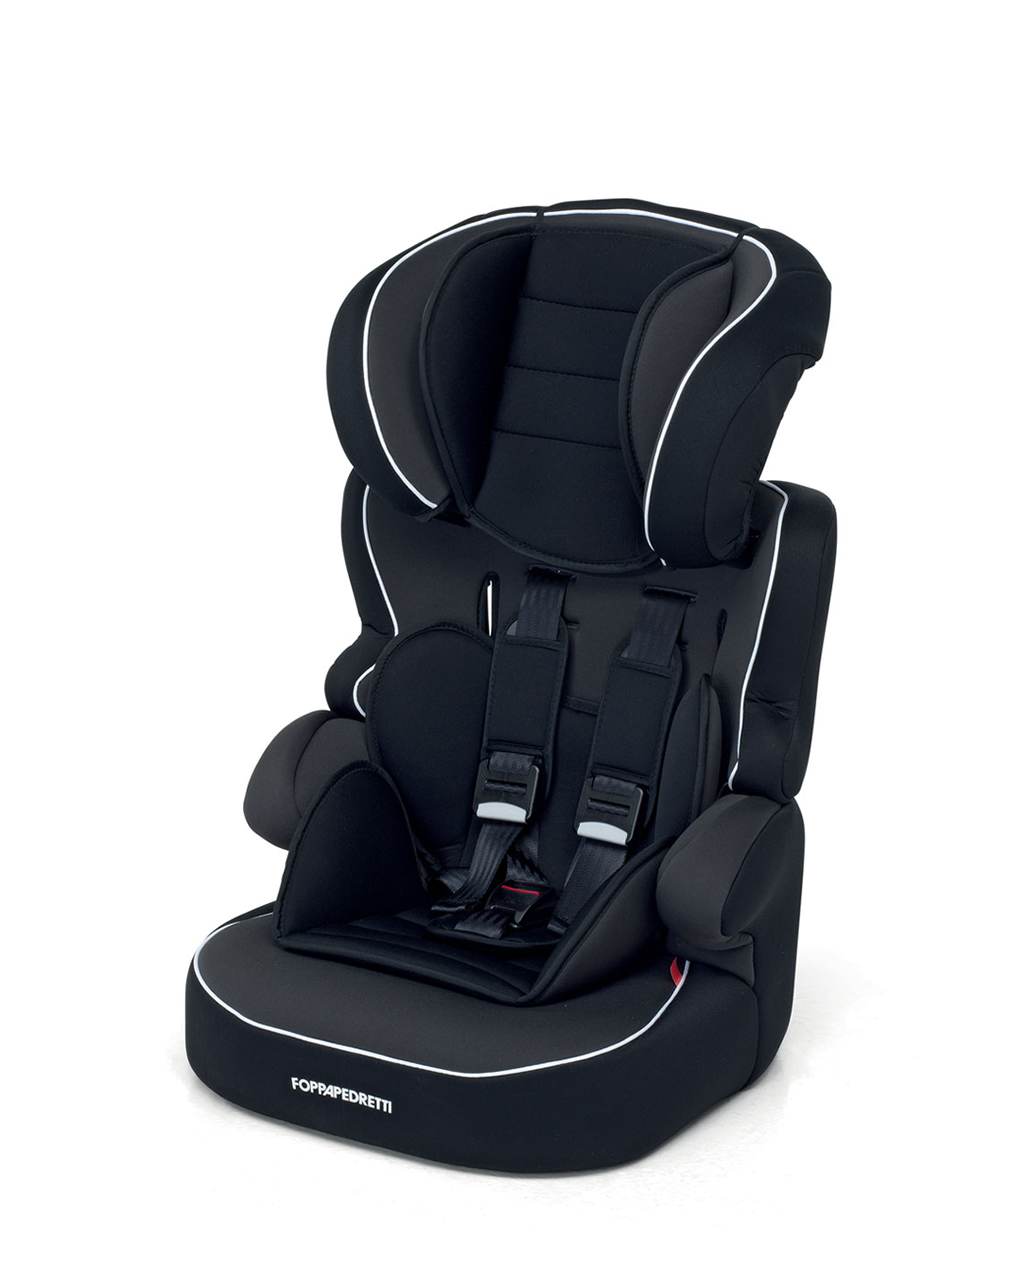 Seggiolino auto foppapedretti baby road - black - Foppapedretti